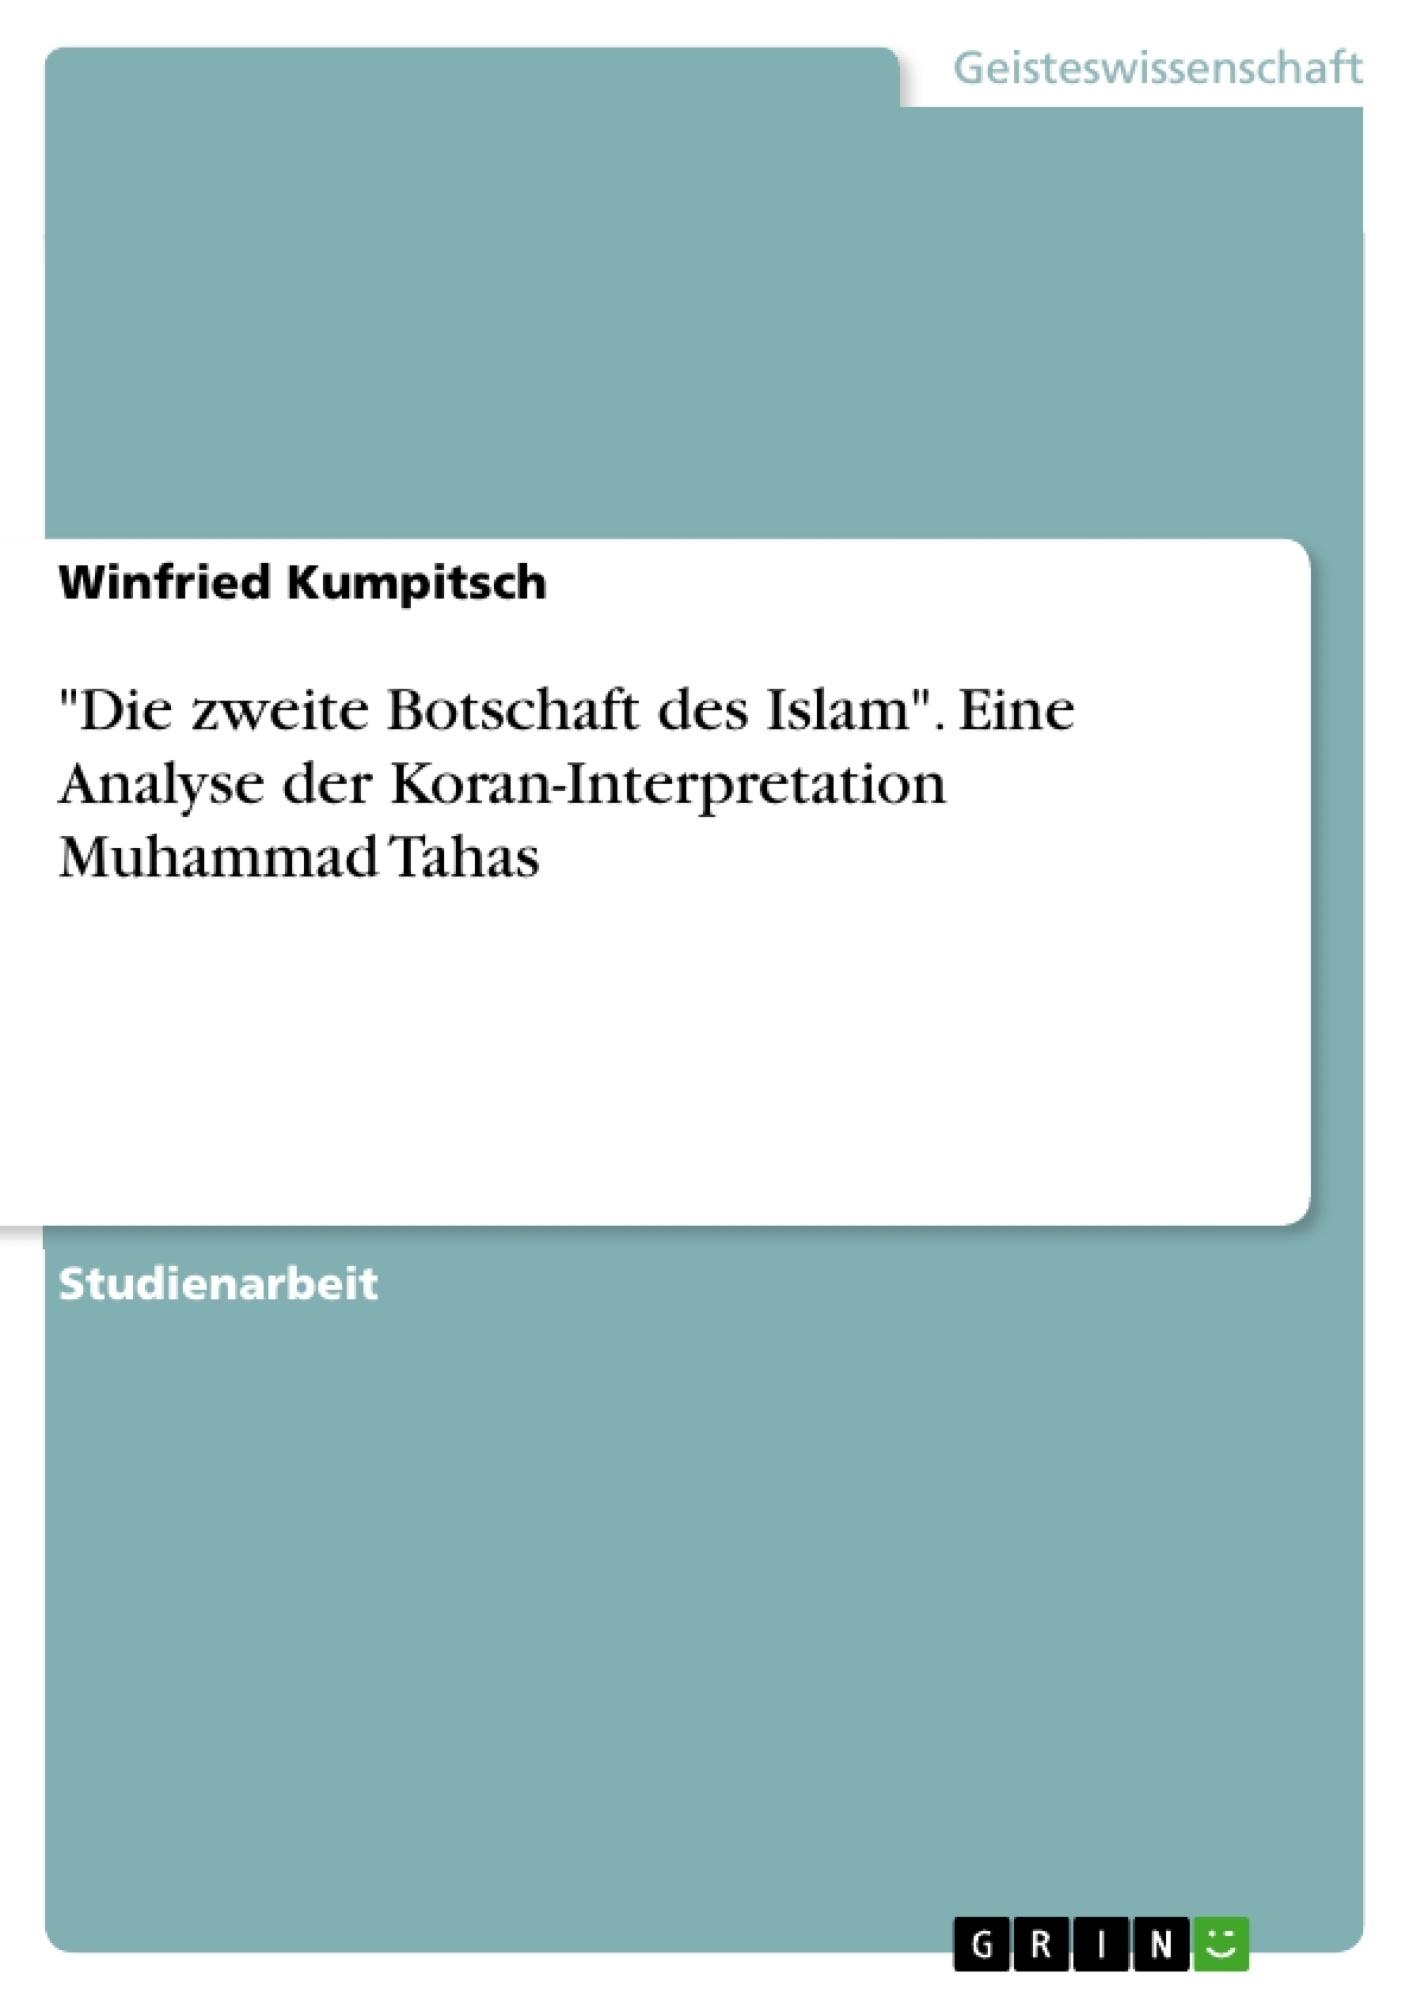 """Titel: """"Die zweite Botschaft des Islam"""". Eine Analyse der Koran-Interpretation Muhammad Tahas"""